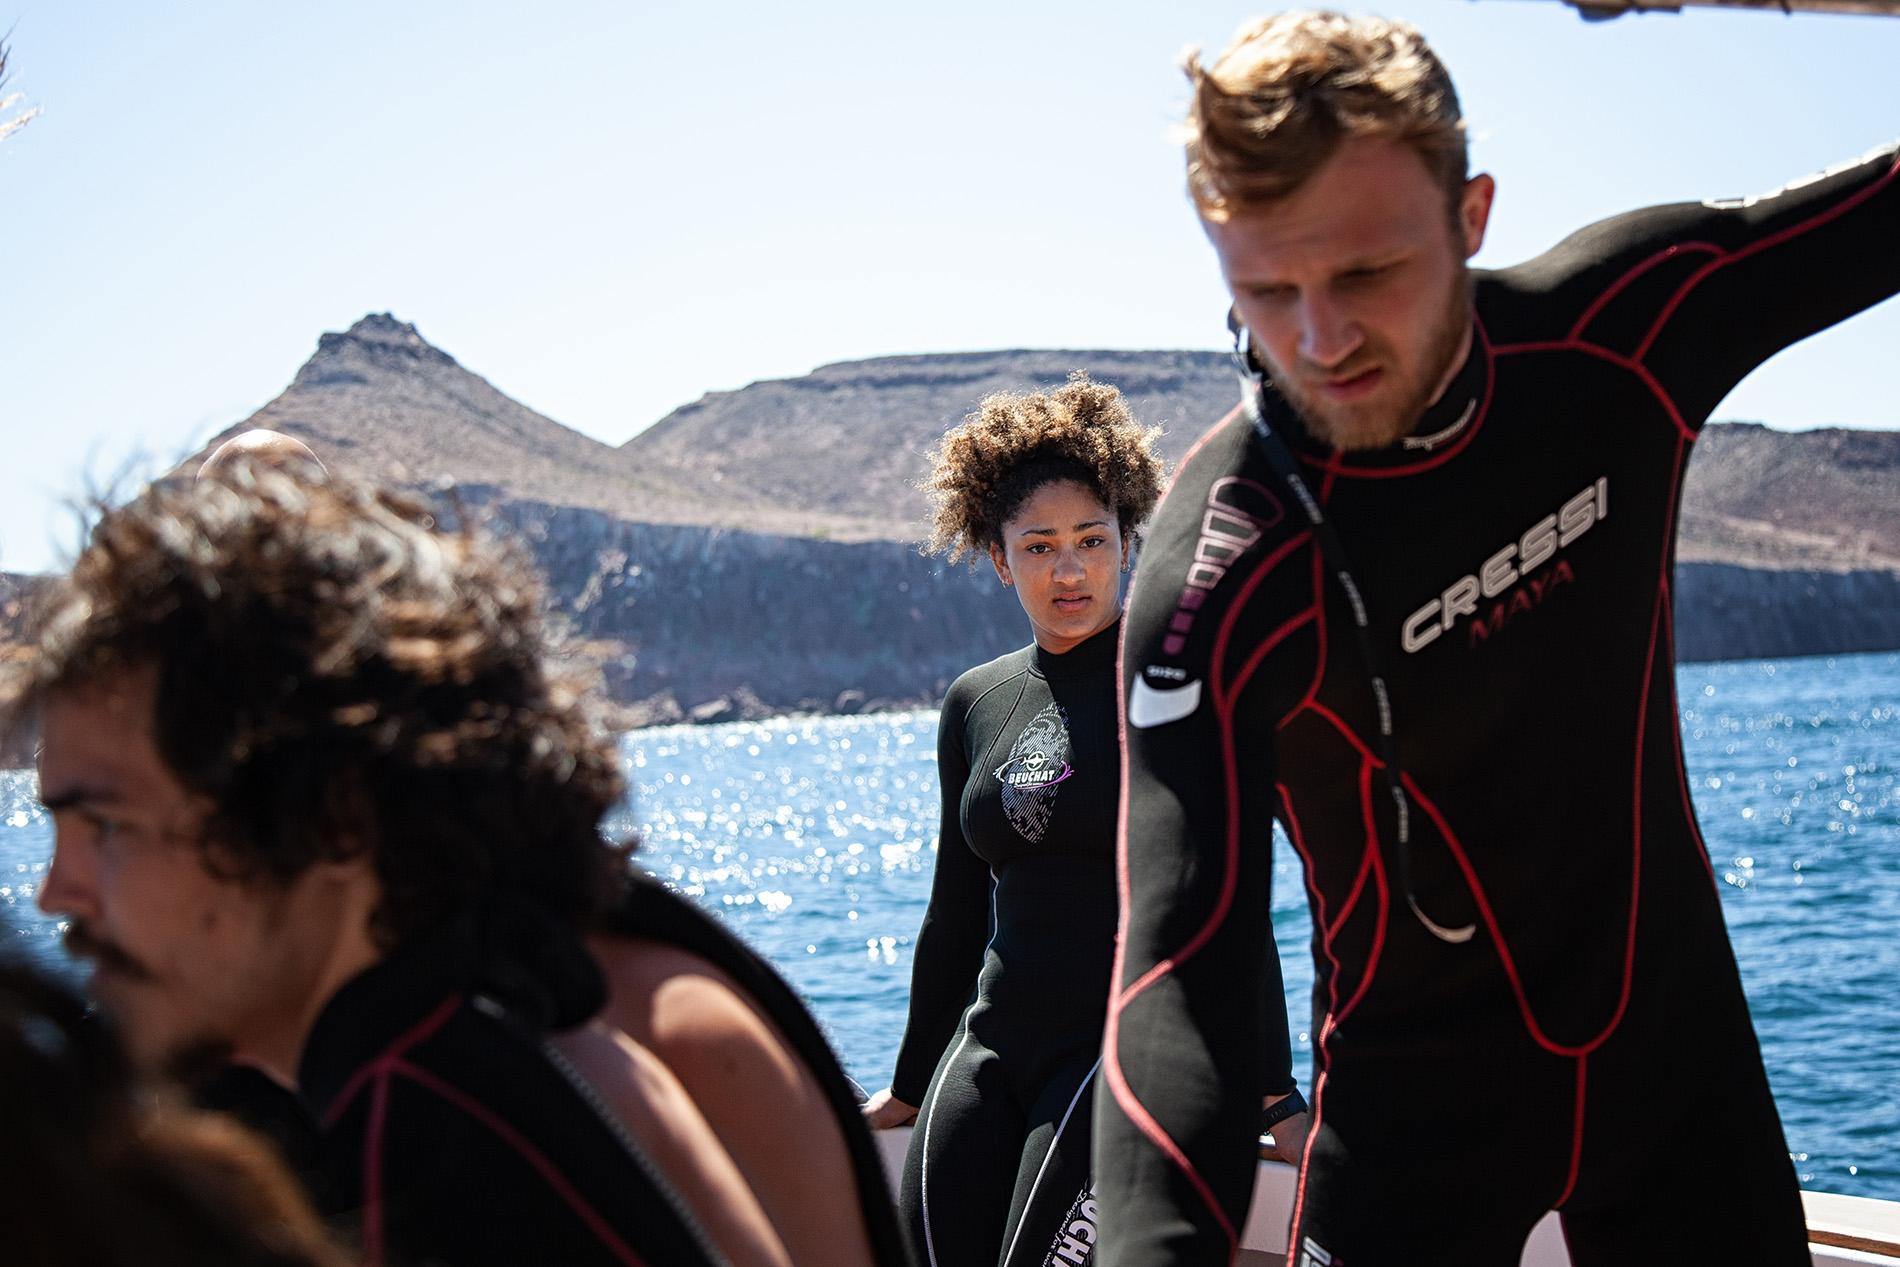 CSU-Pueblo students Kiara Olson and Clay Archer prepare to snorkel in the Baja California ocean.